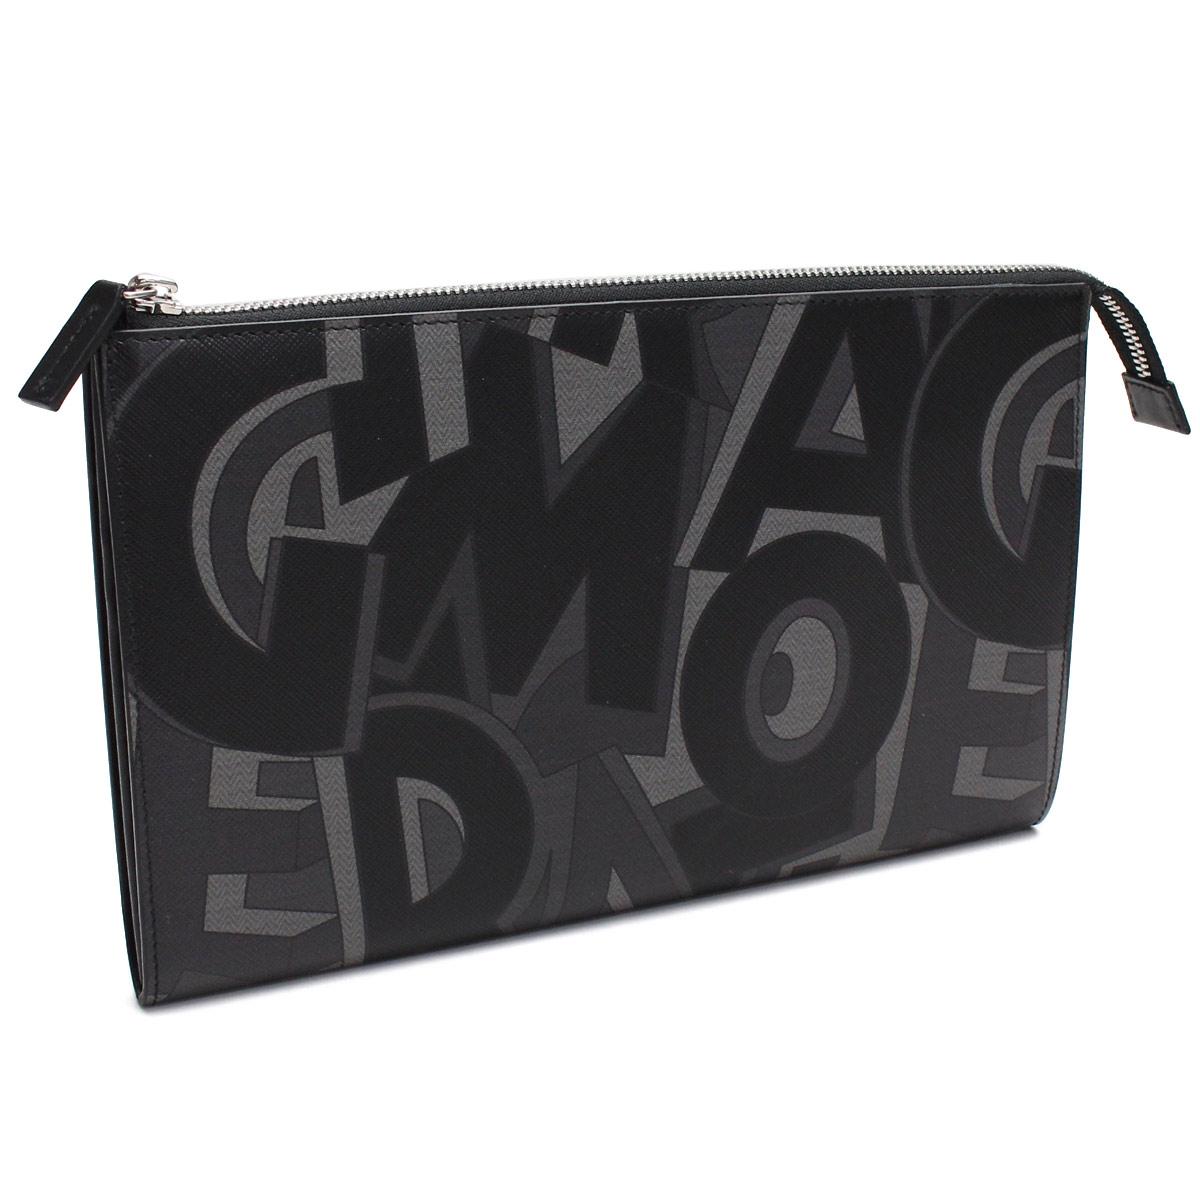 Ferragamo (FERRAGAMO) clutch bag 66-0435 0646108 NERO MULTICOLOR black